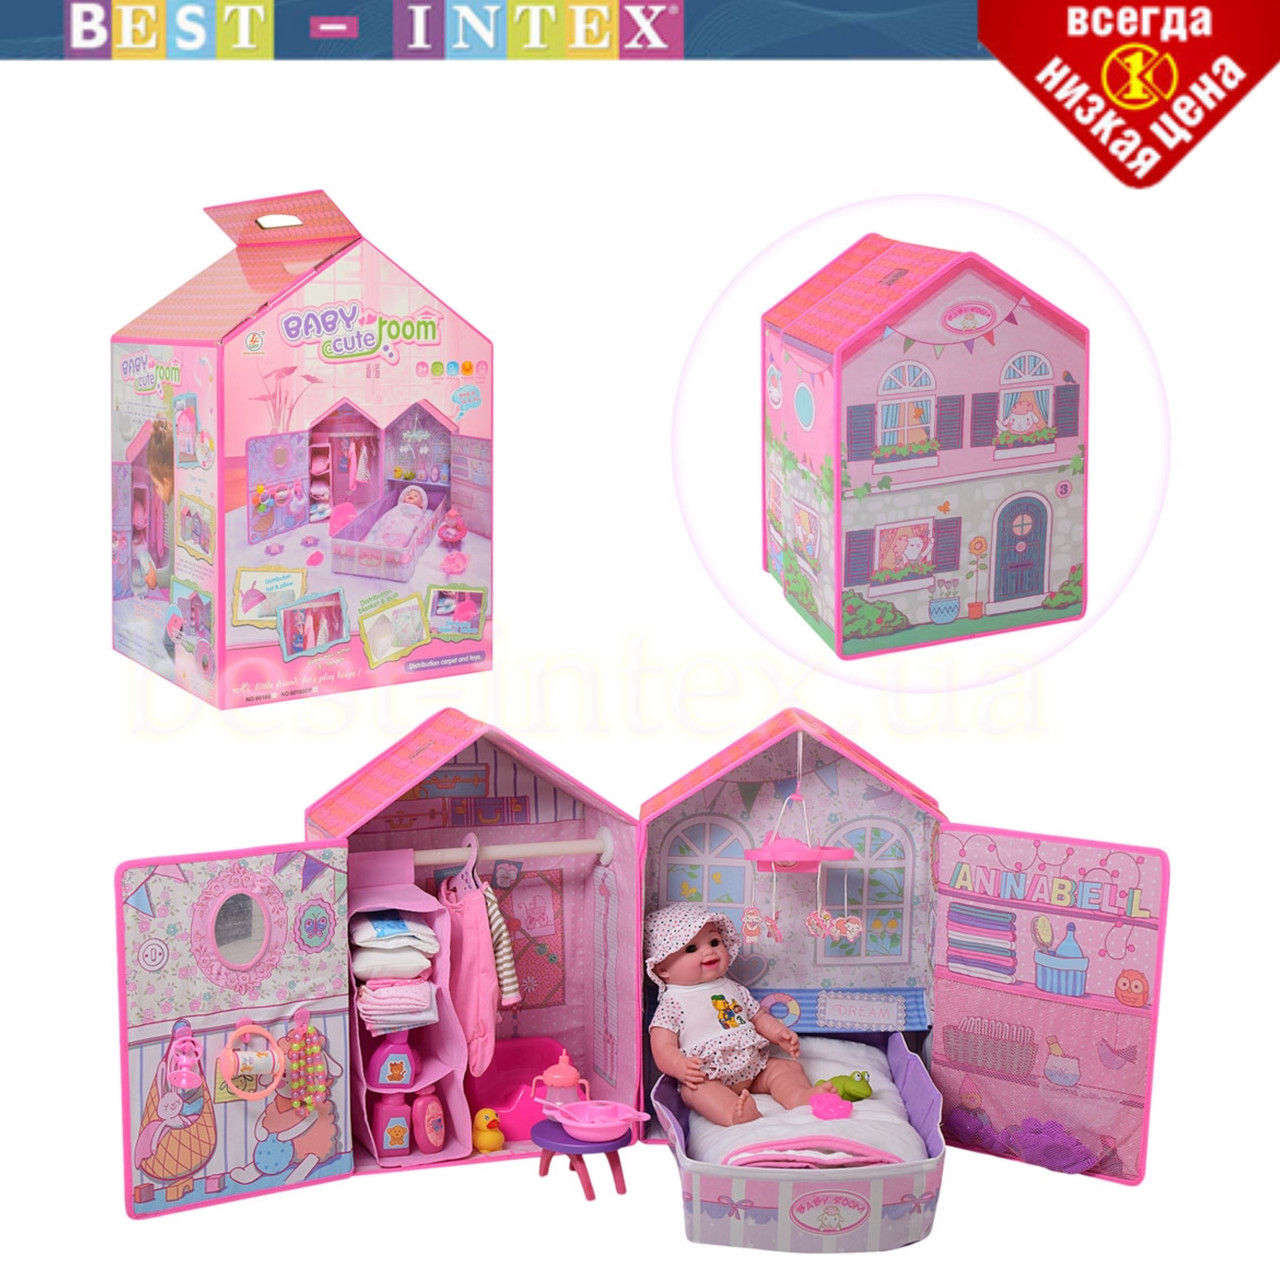 Ігровий набір для дівчинки 60180EP пупс з будинком та аксесуарами